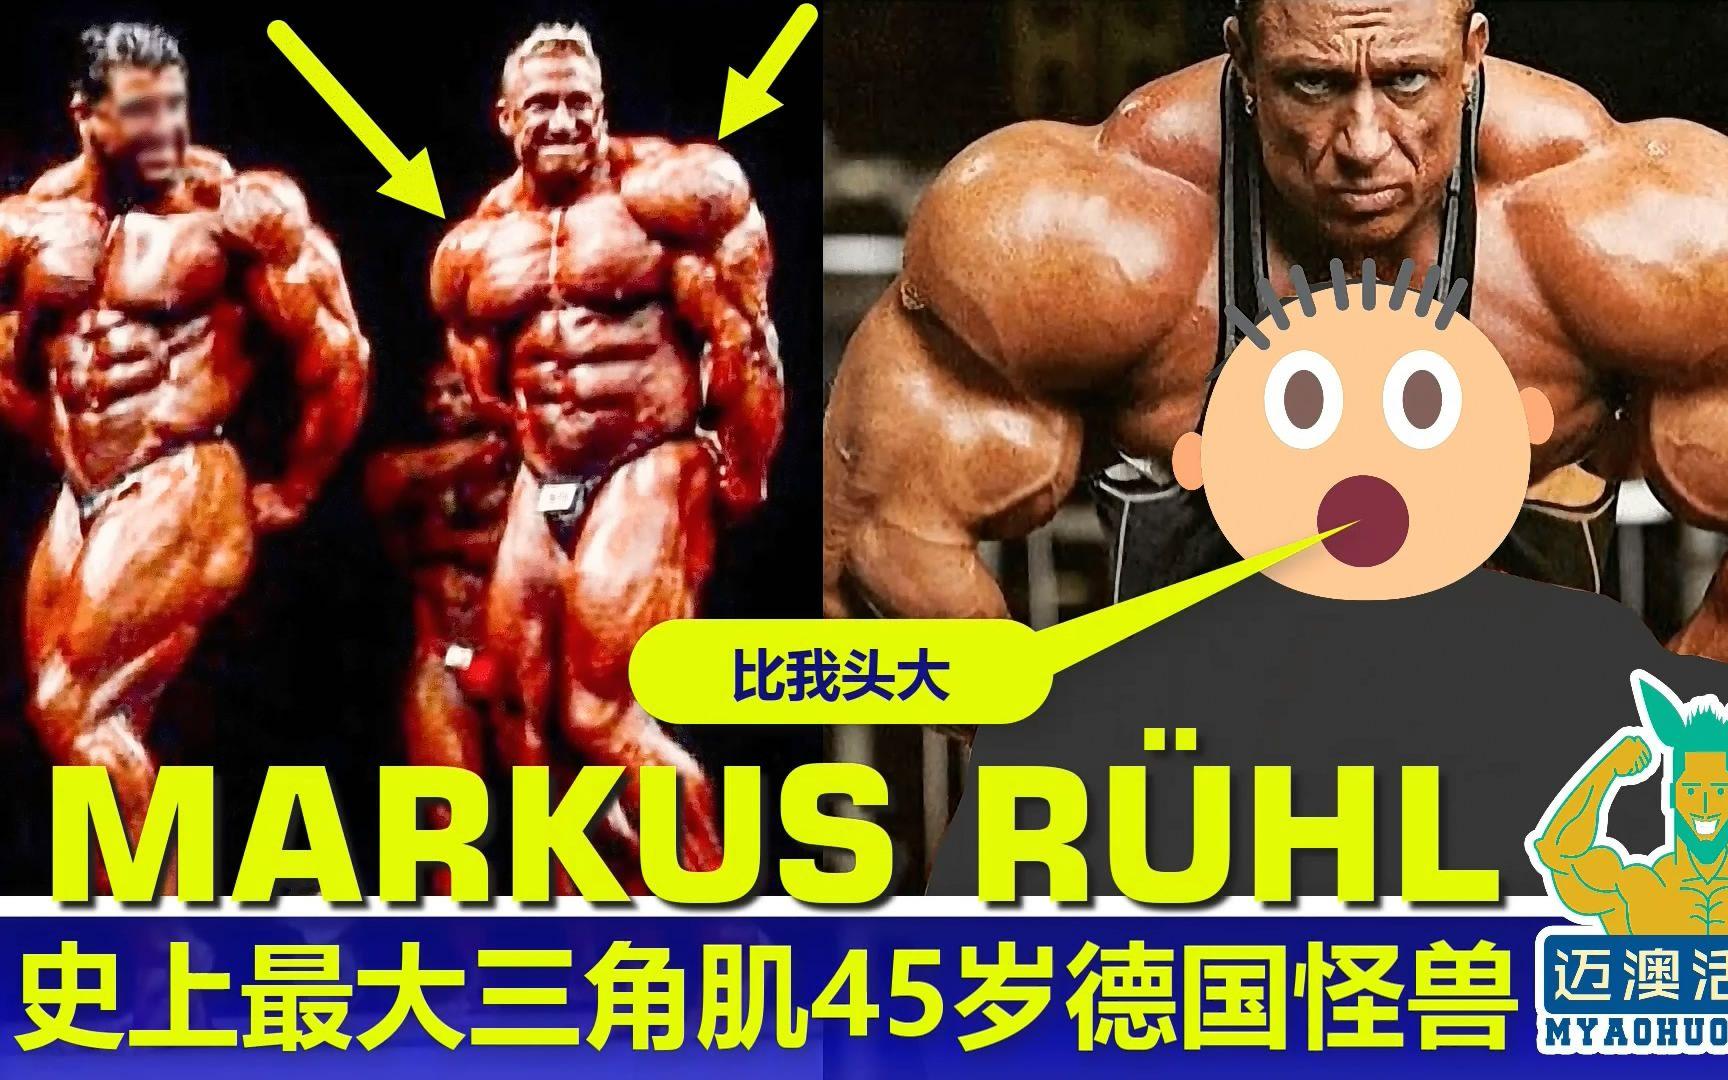 马库斯健美_健美届历史上超大的三角肌,德国45岁肌肉怪物马库斯,一个三角肌比小编